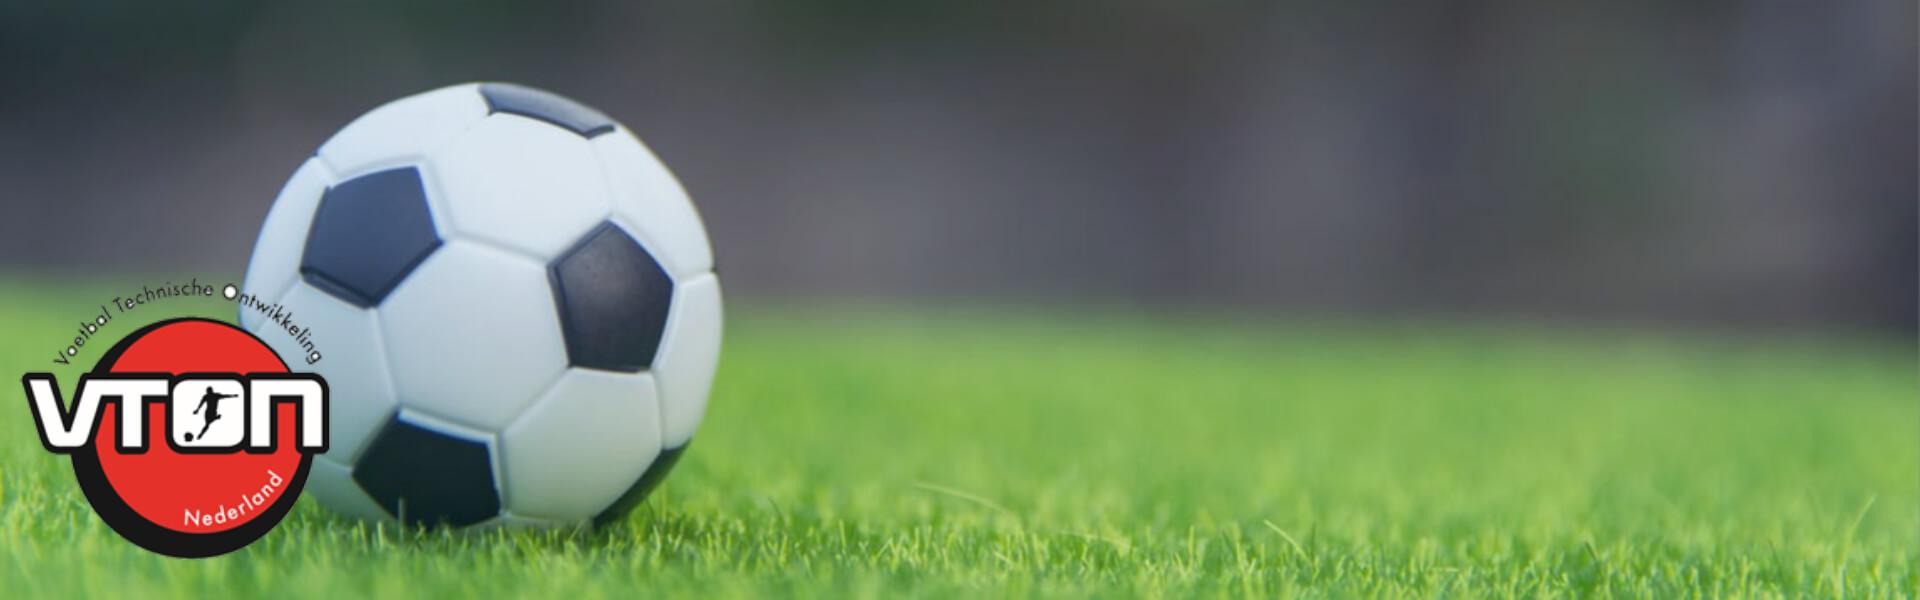 Iedere speler heeft recht op een leuke leerzame voetbaltraining